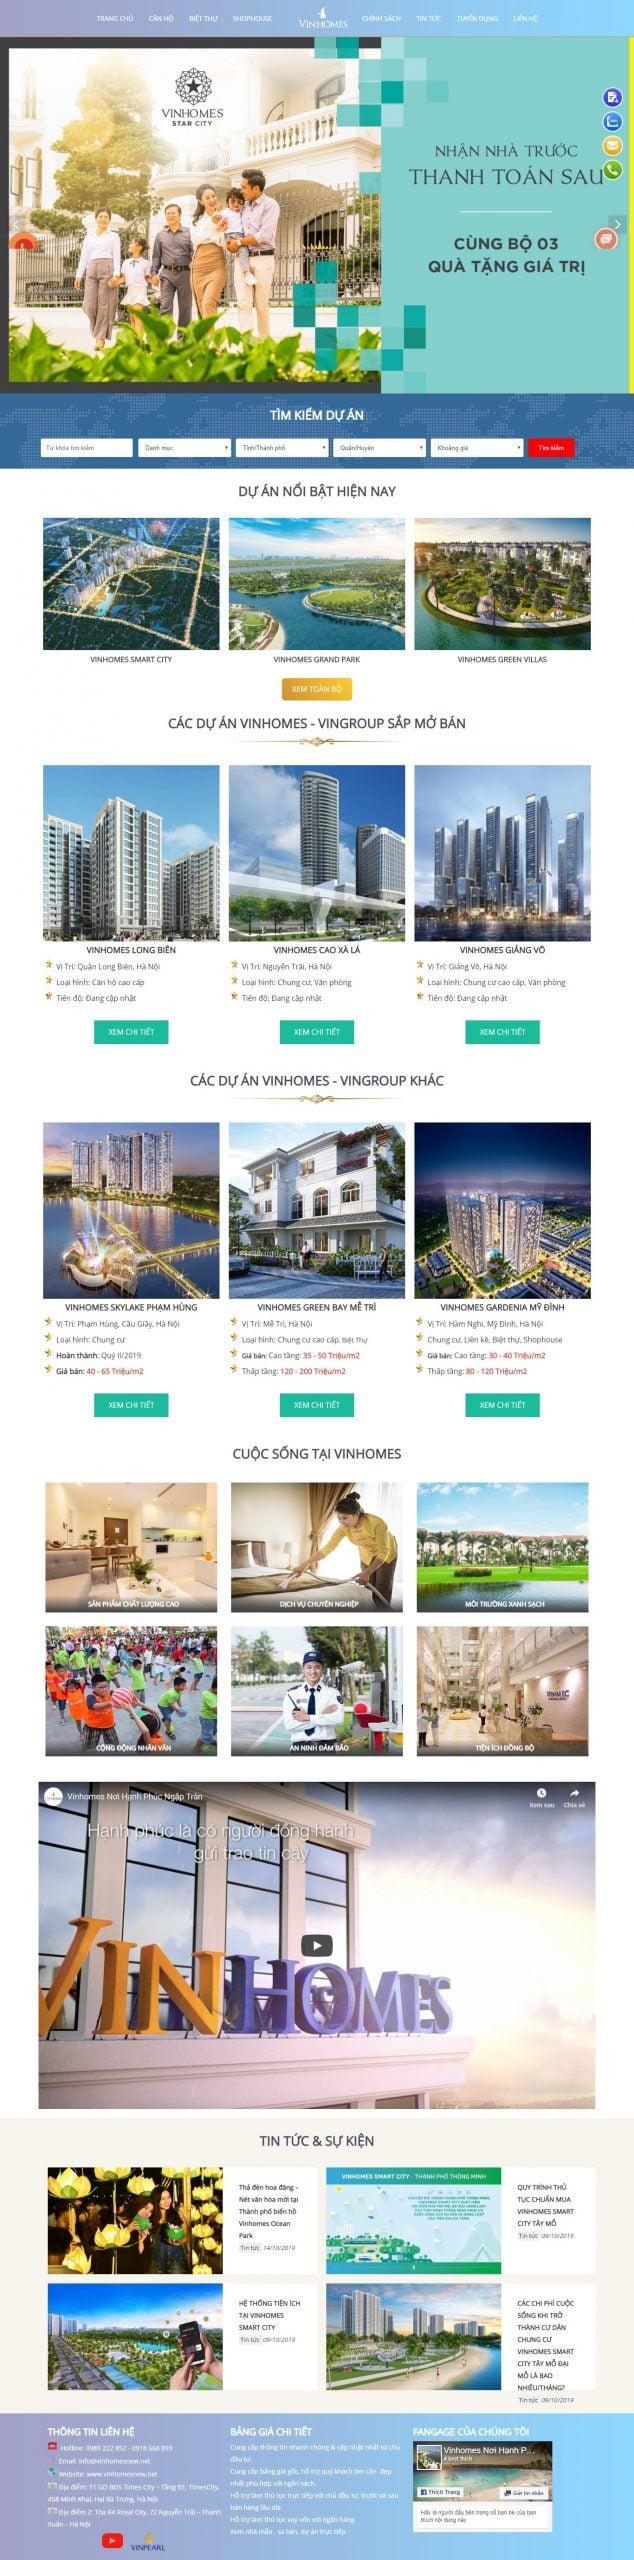 Mẫu thiết kế website bất động sản – vinhomesnew.net – Đầu tư – Tư vấn Bất Động Sản Chuyên Nghiệp